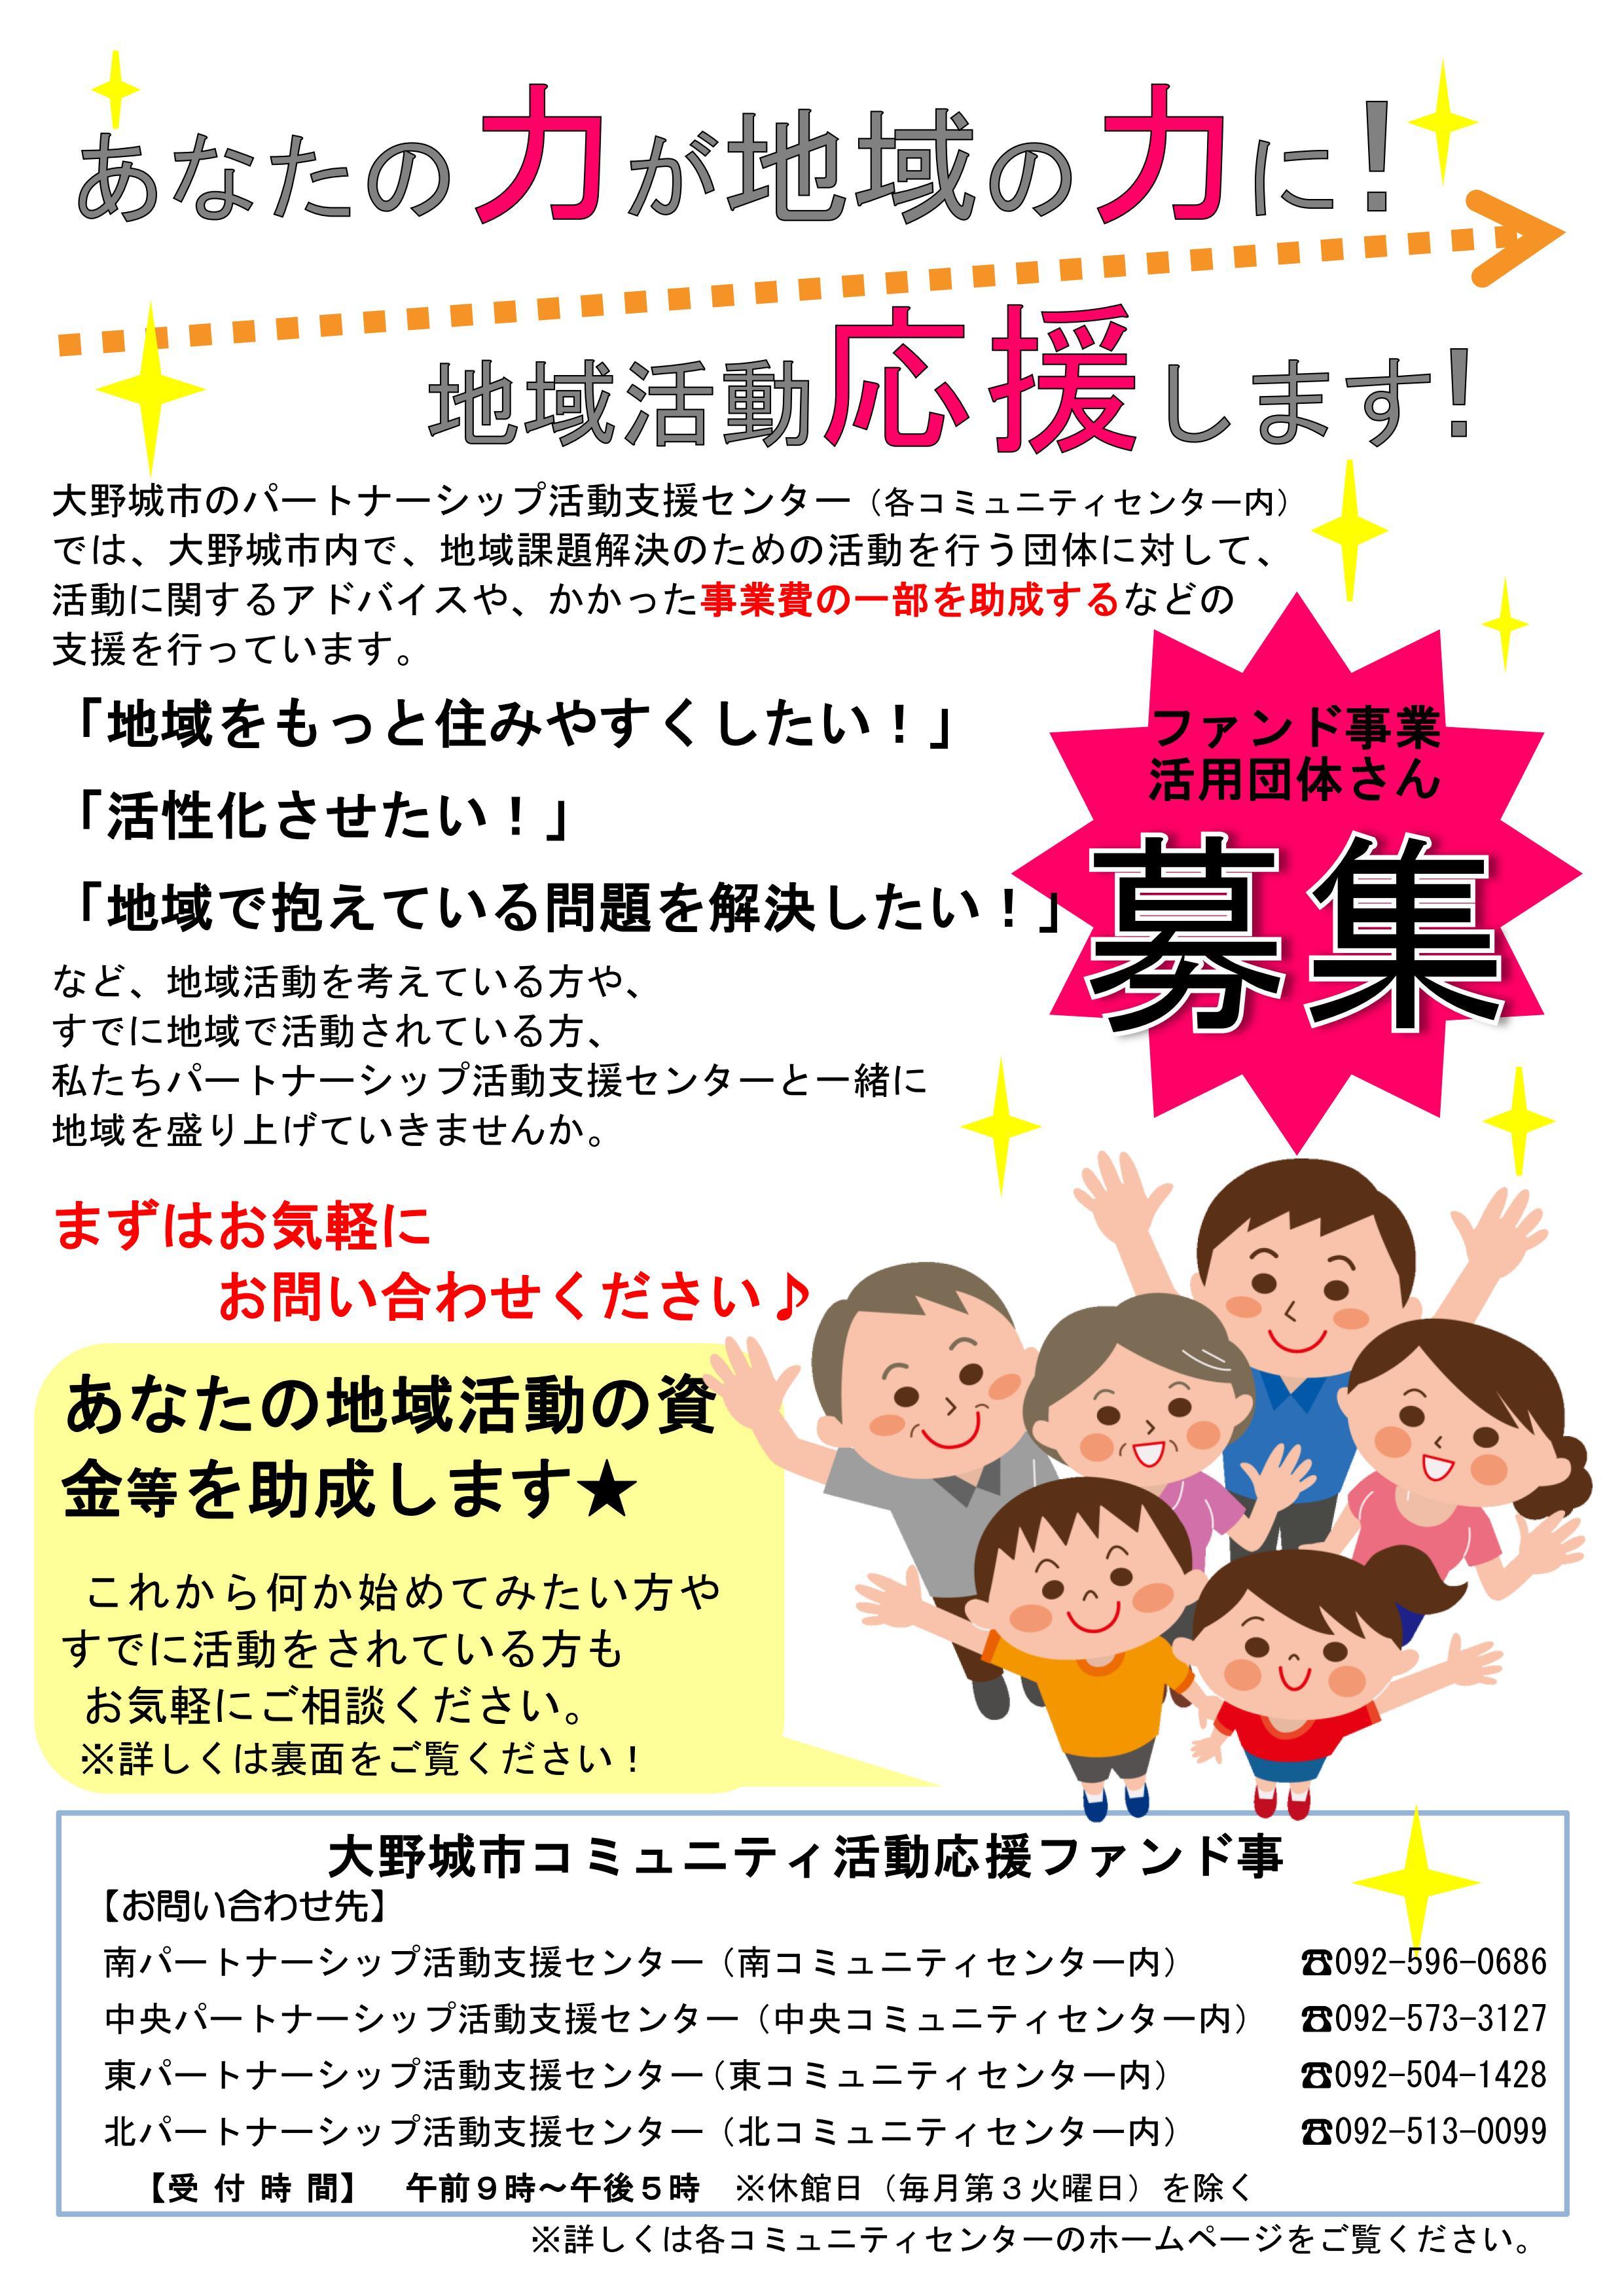 【東コミver】H31年度ファンド事業チラシ(表)